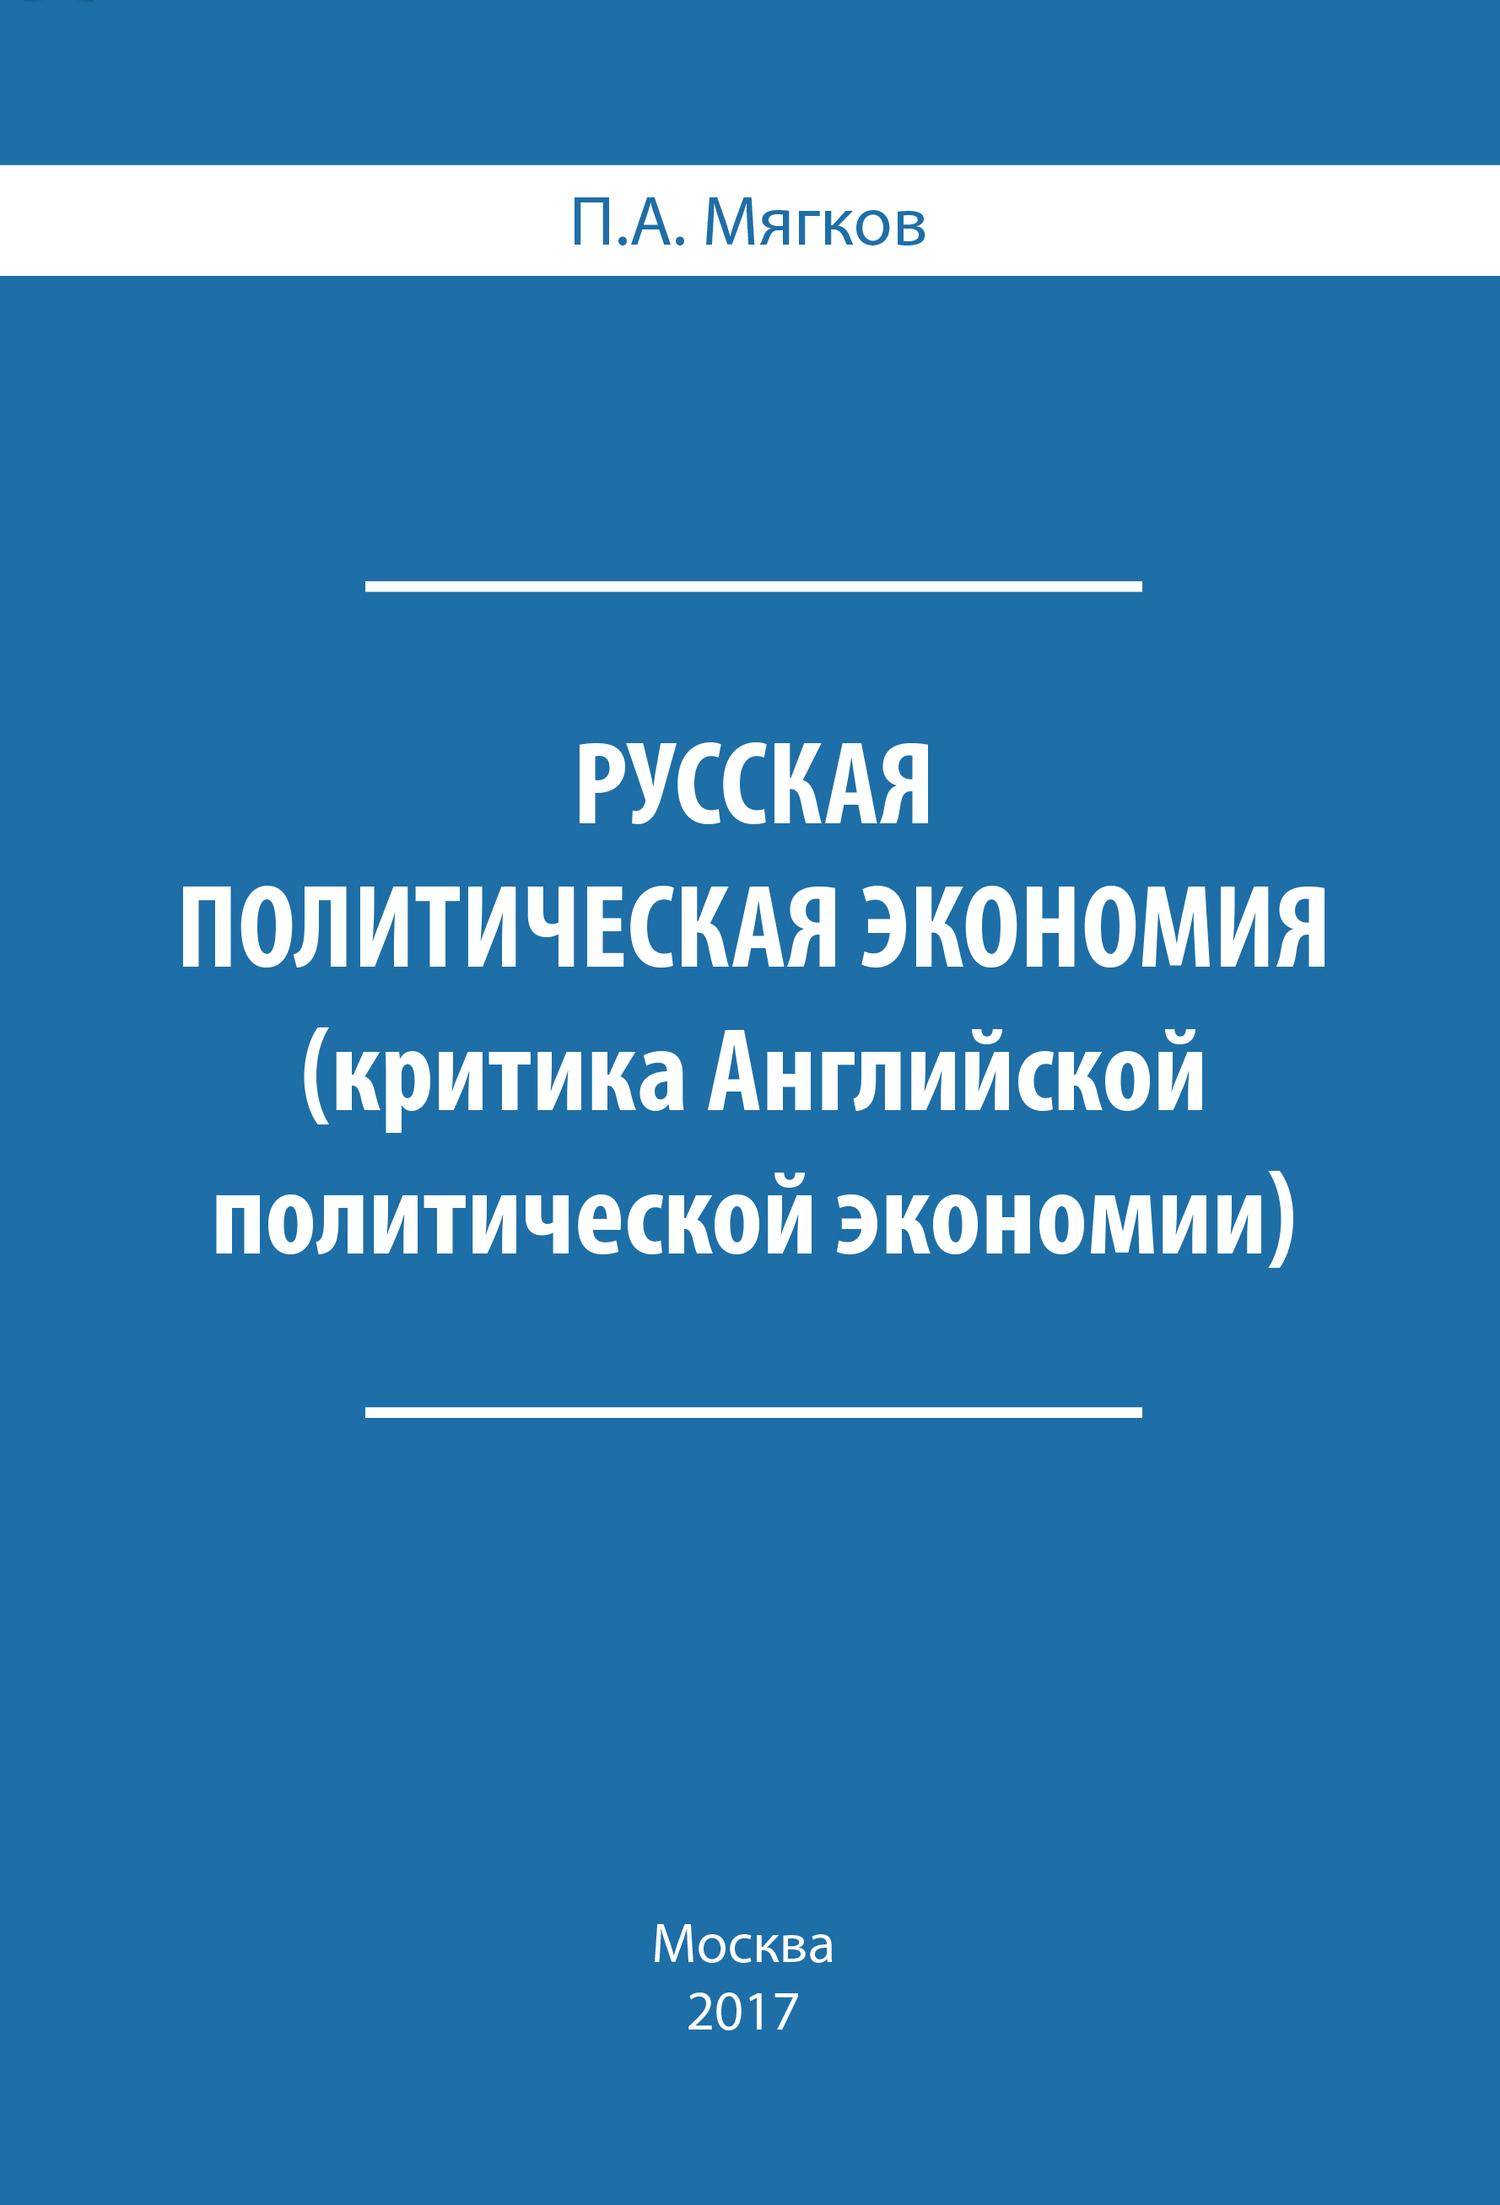 П. А. Мягков. Русская политическая экономия. Критика Английской политической экономии